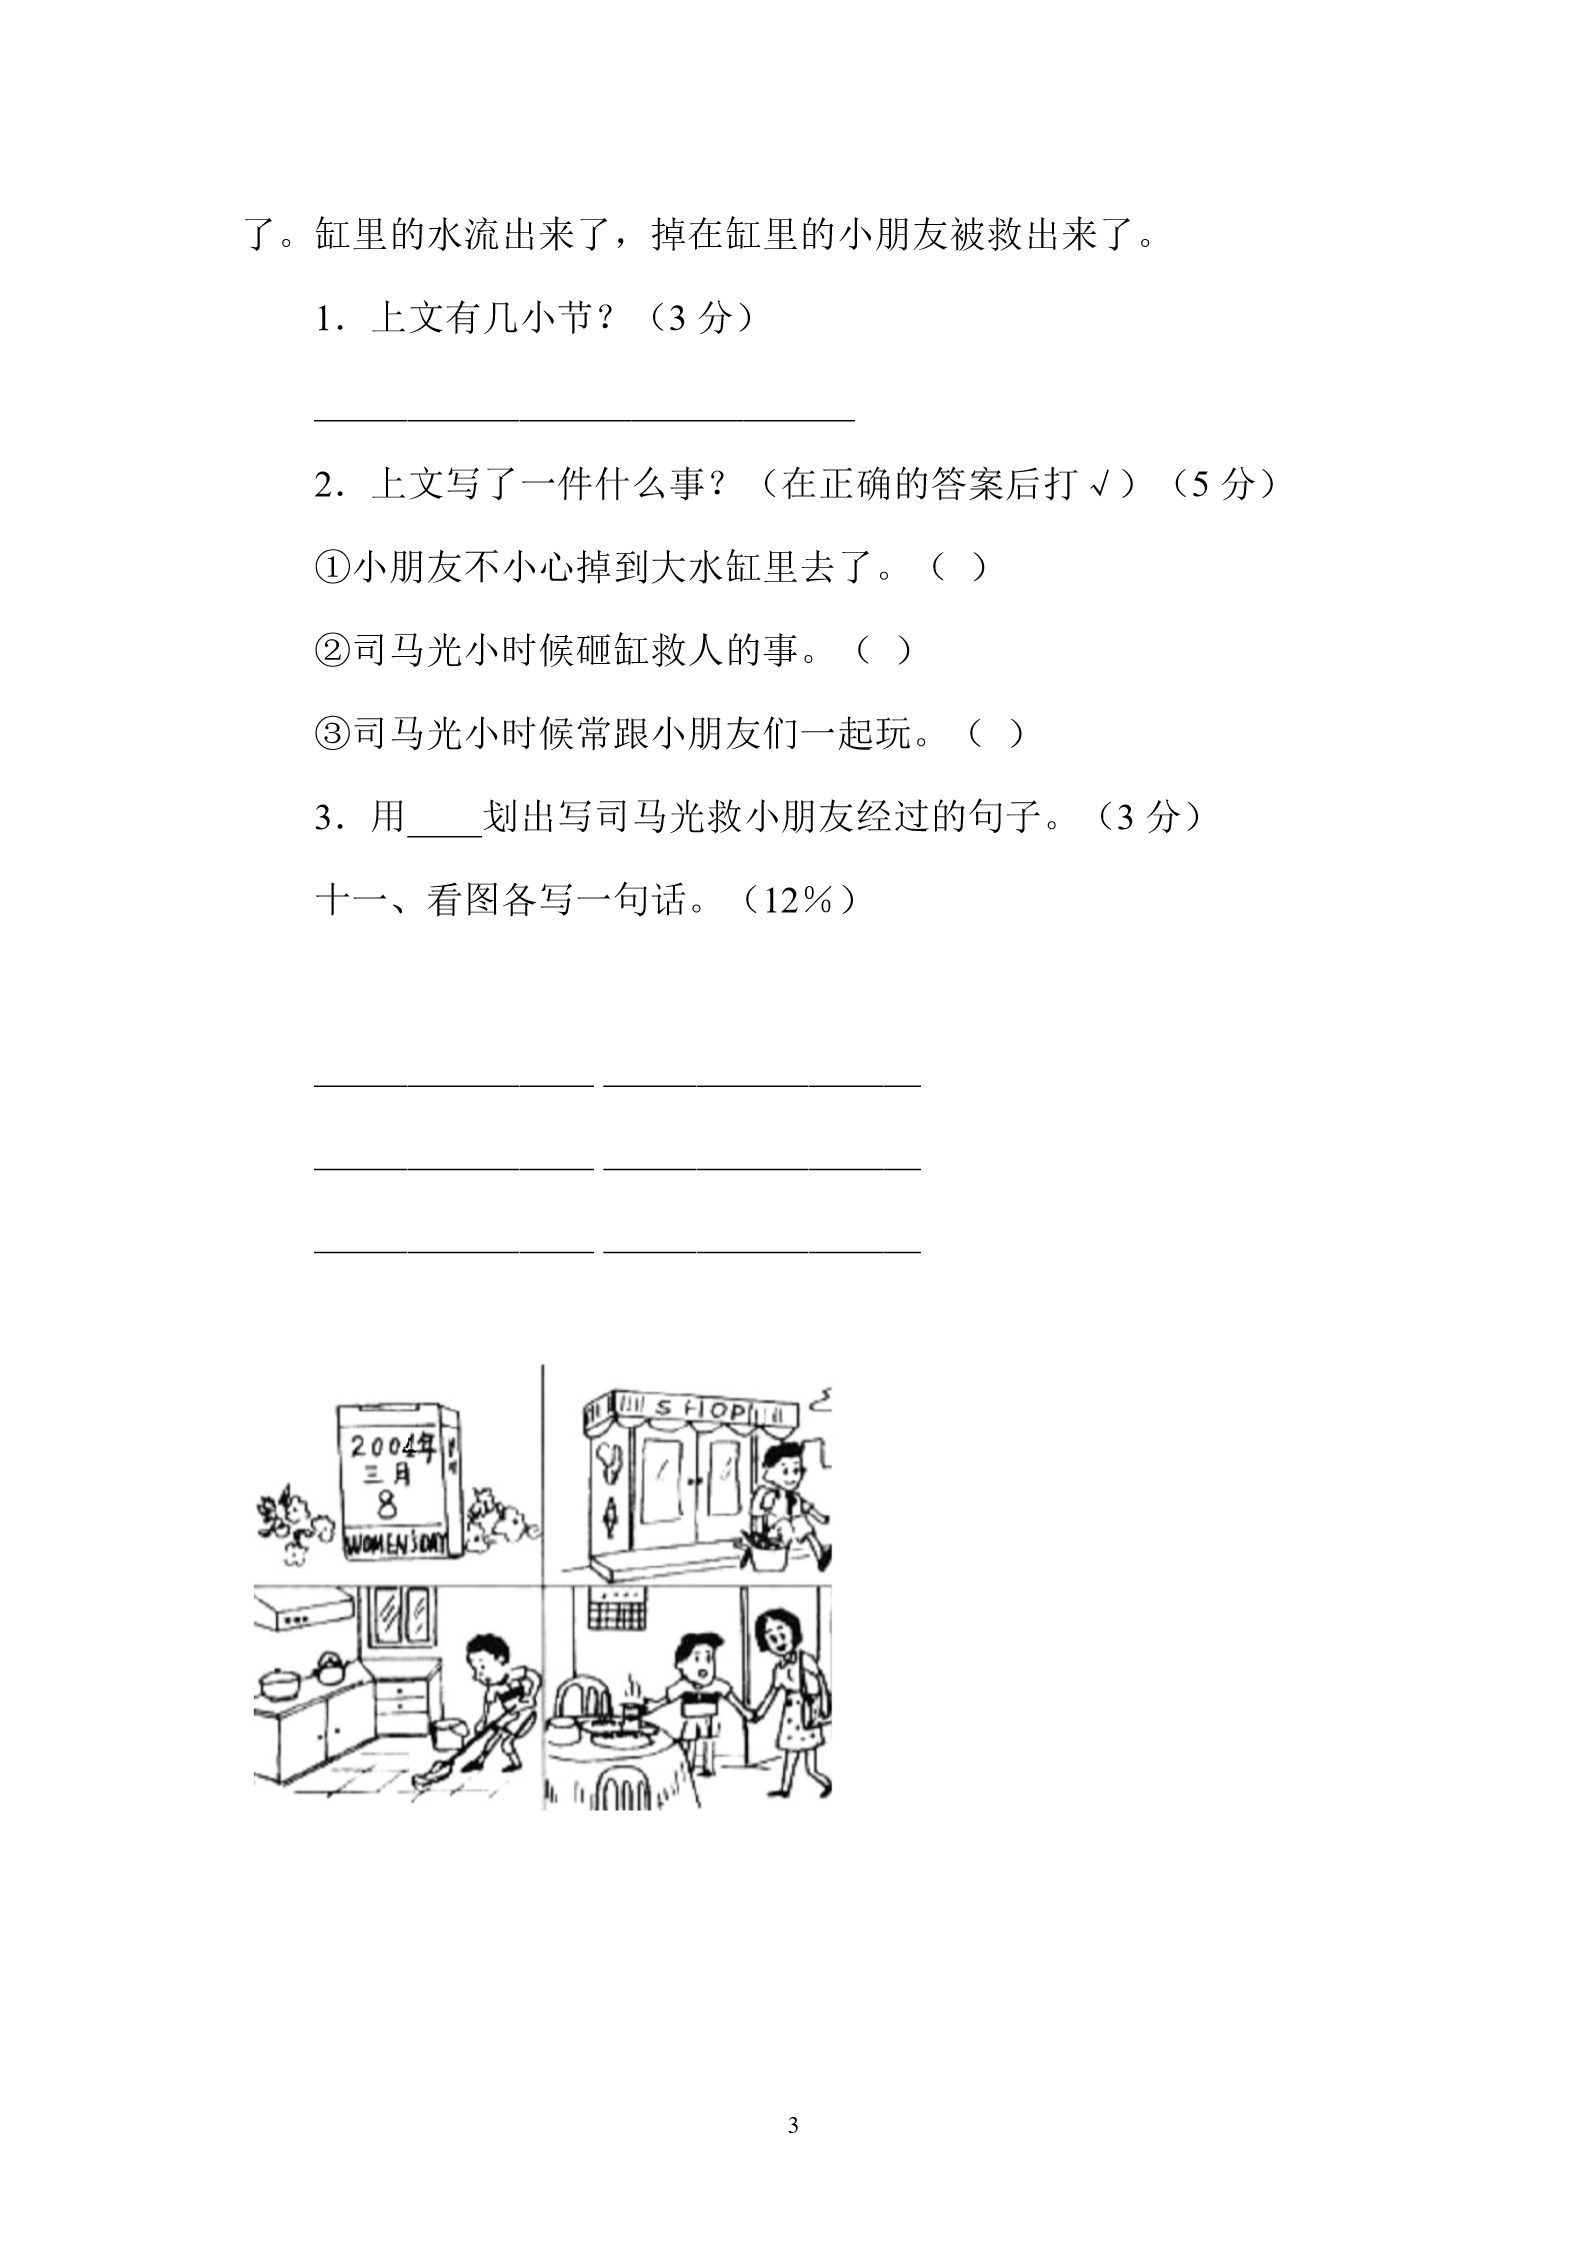 人教版小学一年级下册语文期末测试卷及参考答案 (8)